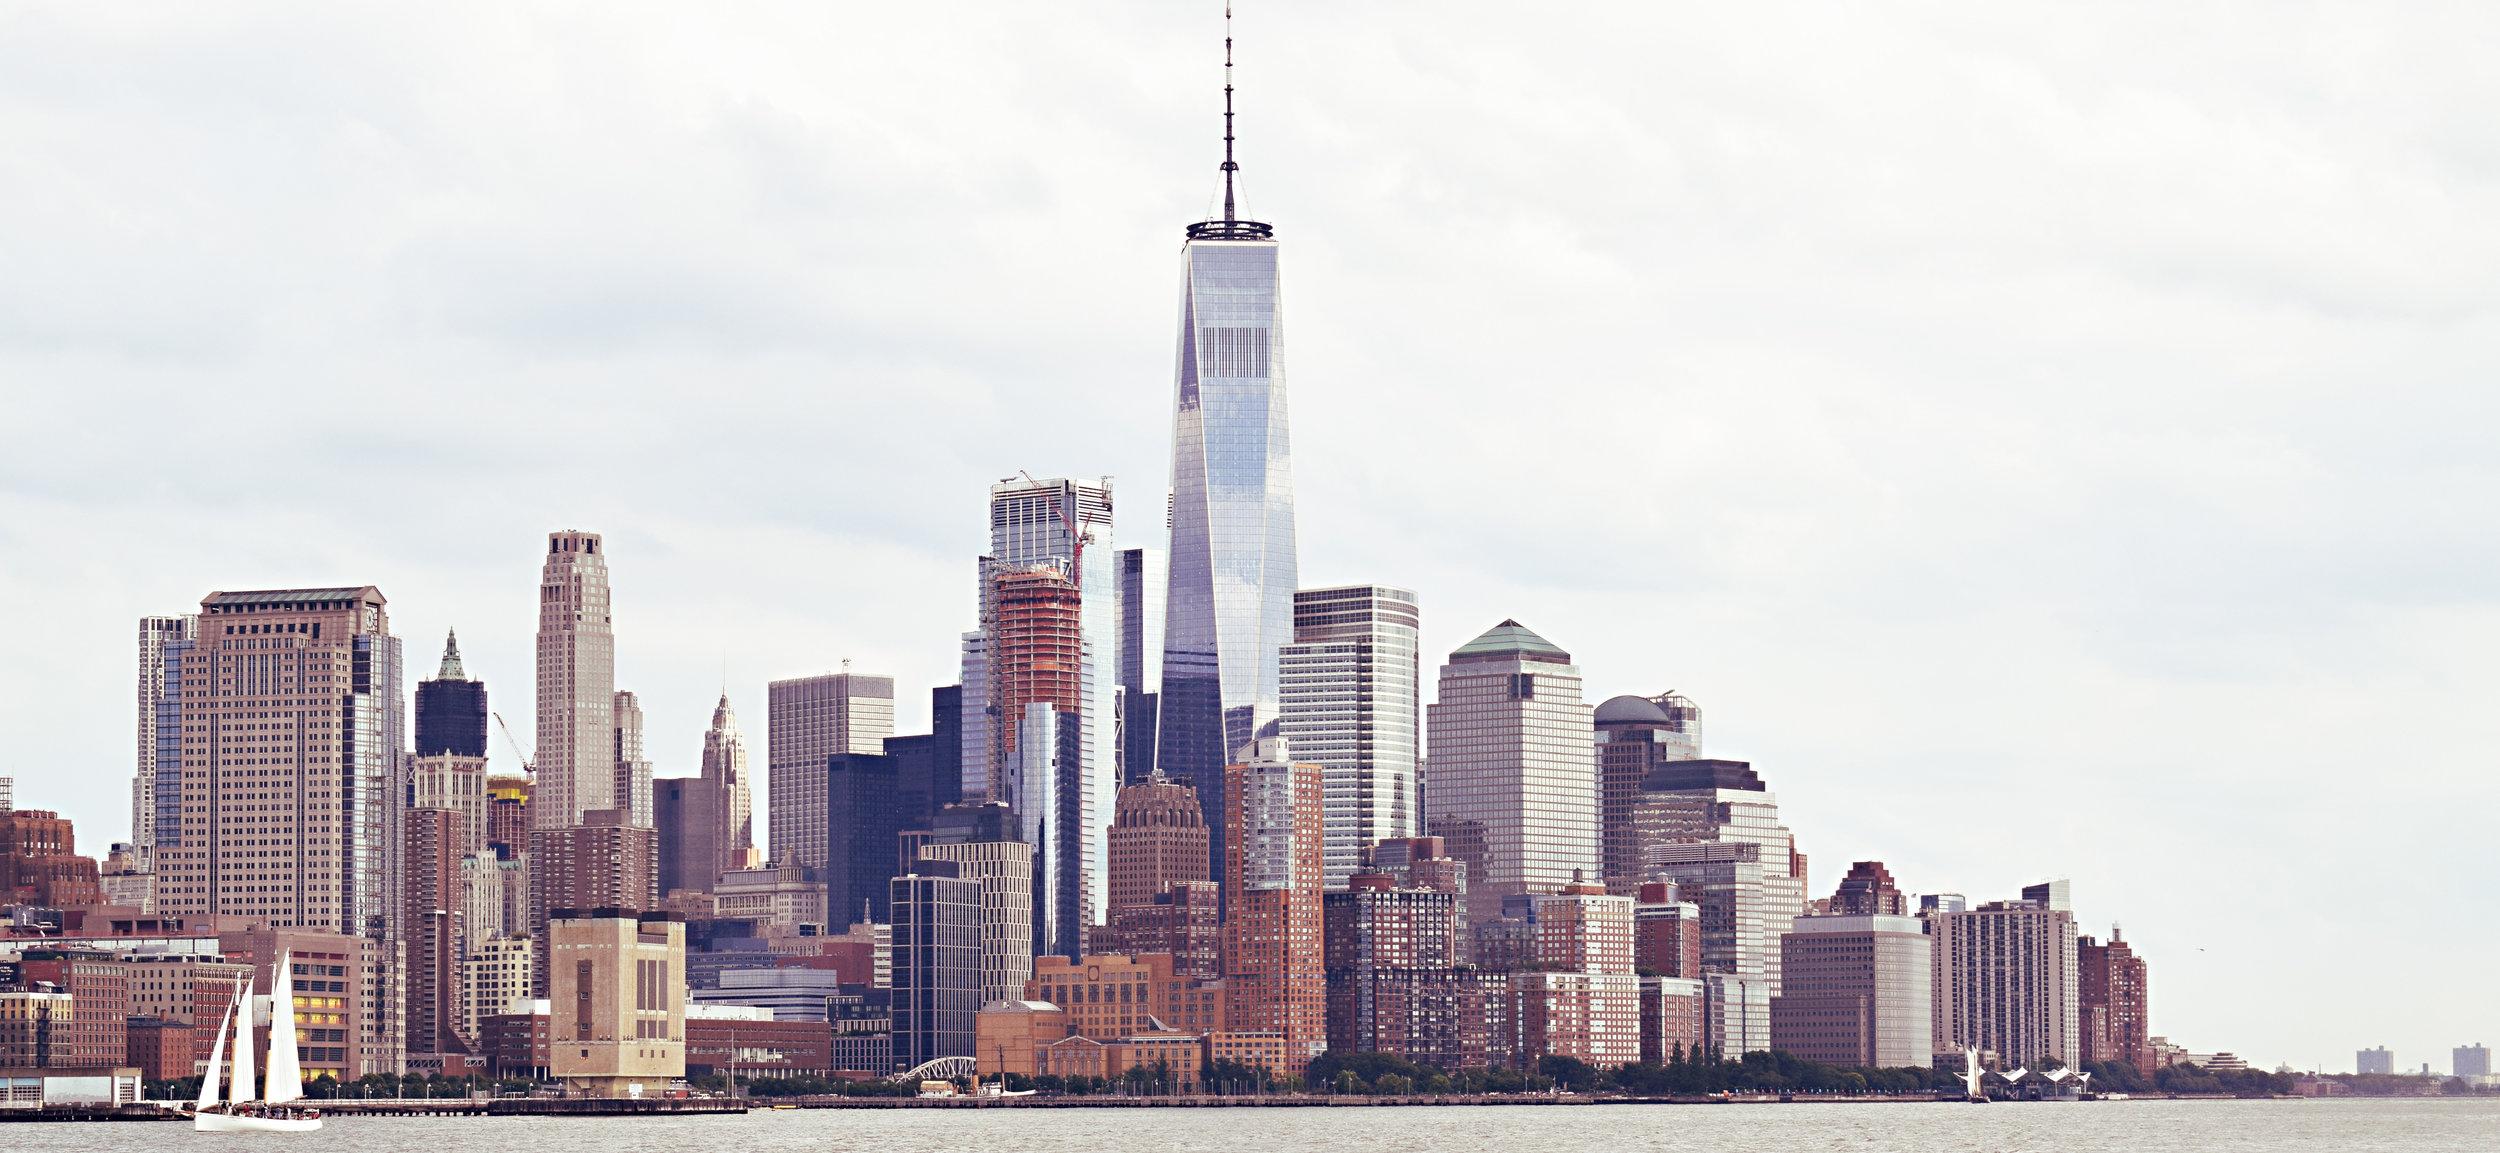 Upptäck ännu fler resor till New York - VI har fler mycket prisvärda resor för att uppleva NHL-hockey i New York.